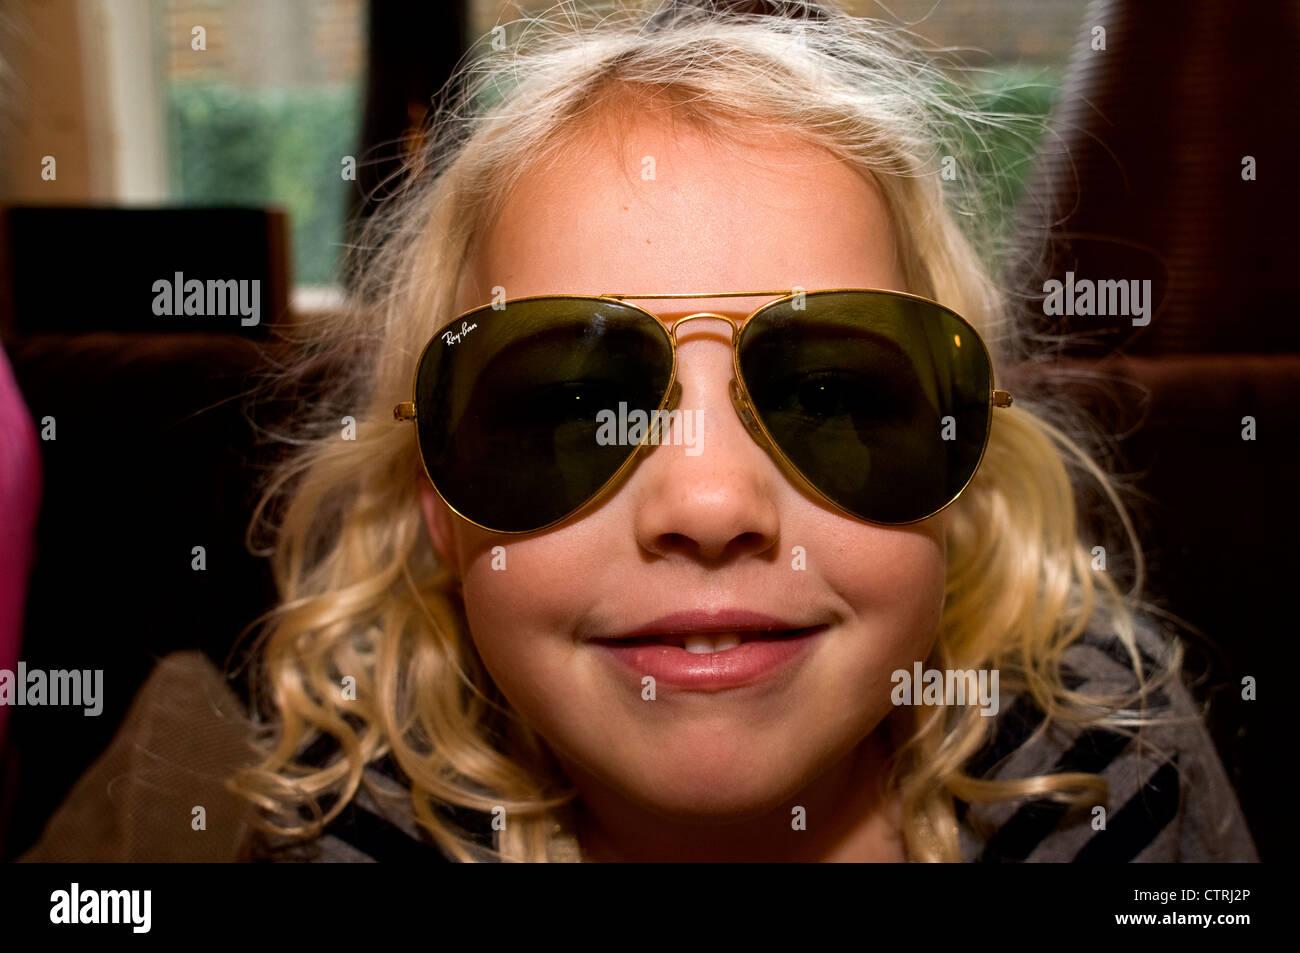 27a4bf752daec1 Petite fille posant avec une paire de lunettes de soleil Ray Ban ...